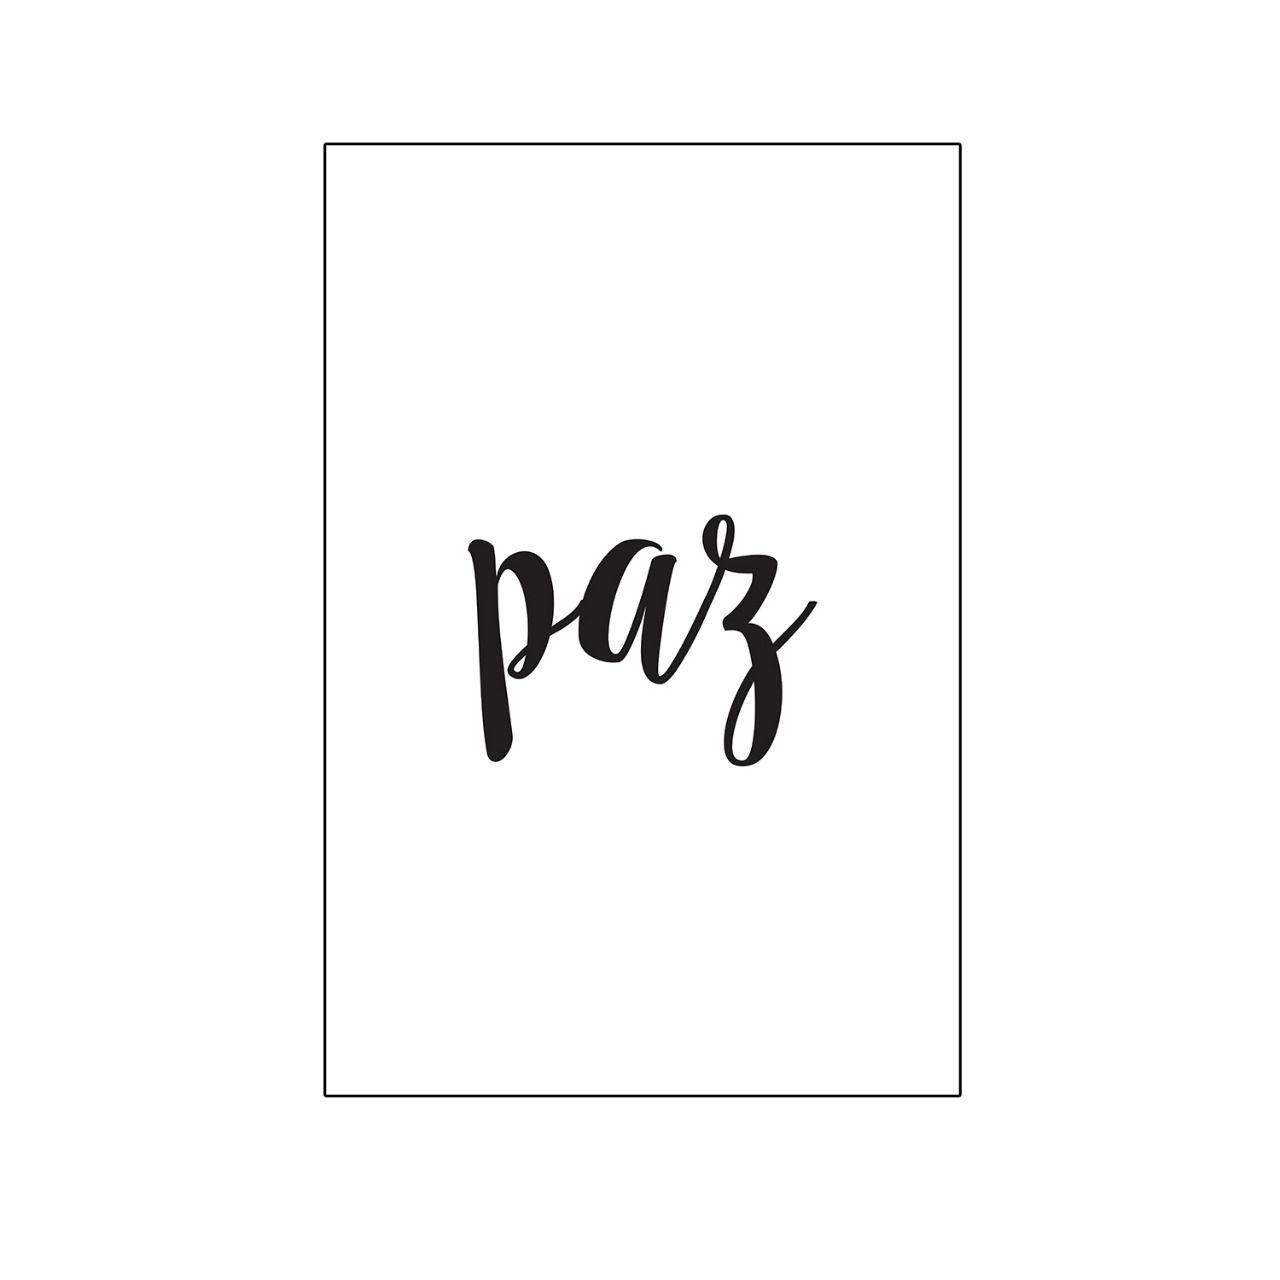 Placas decorativas em PVC - Palavras